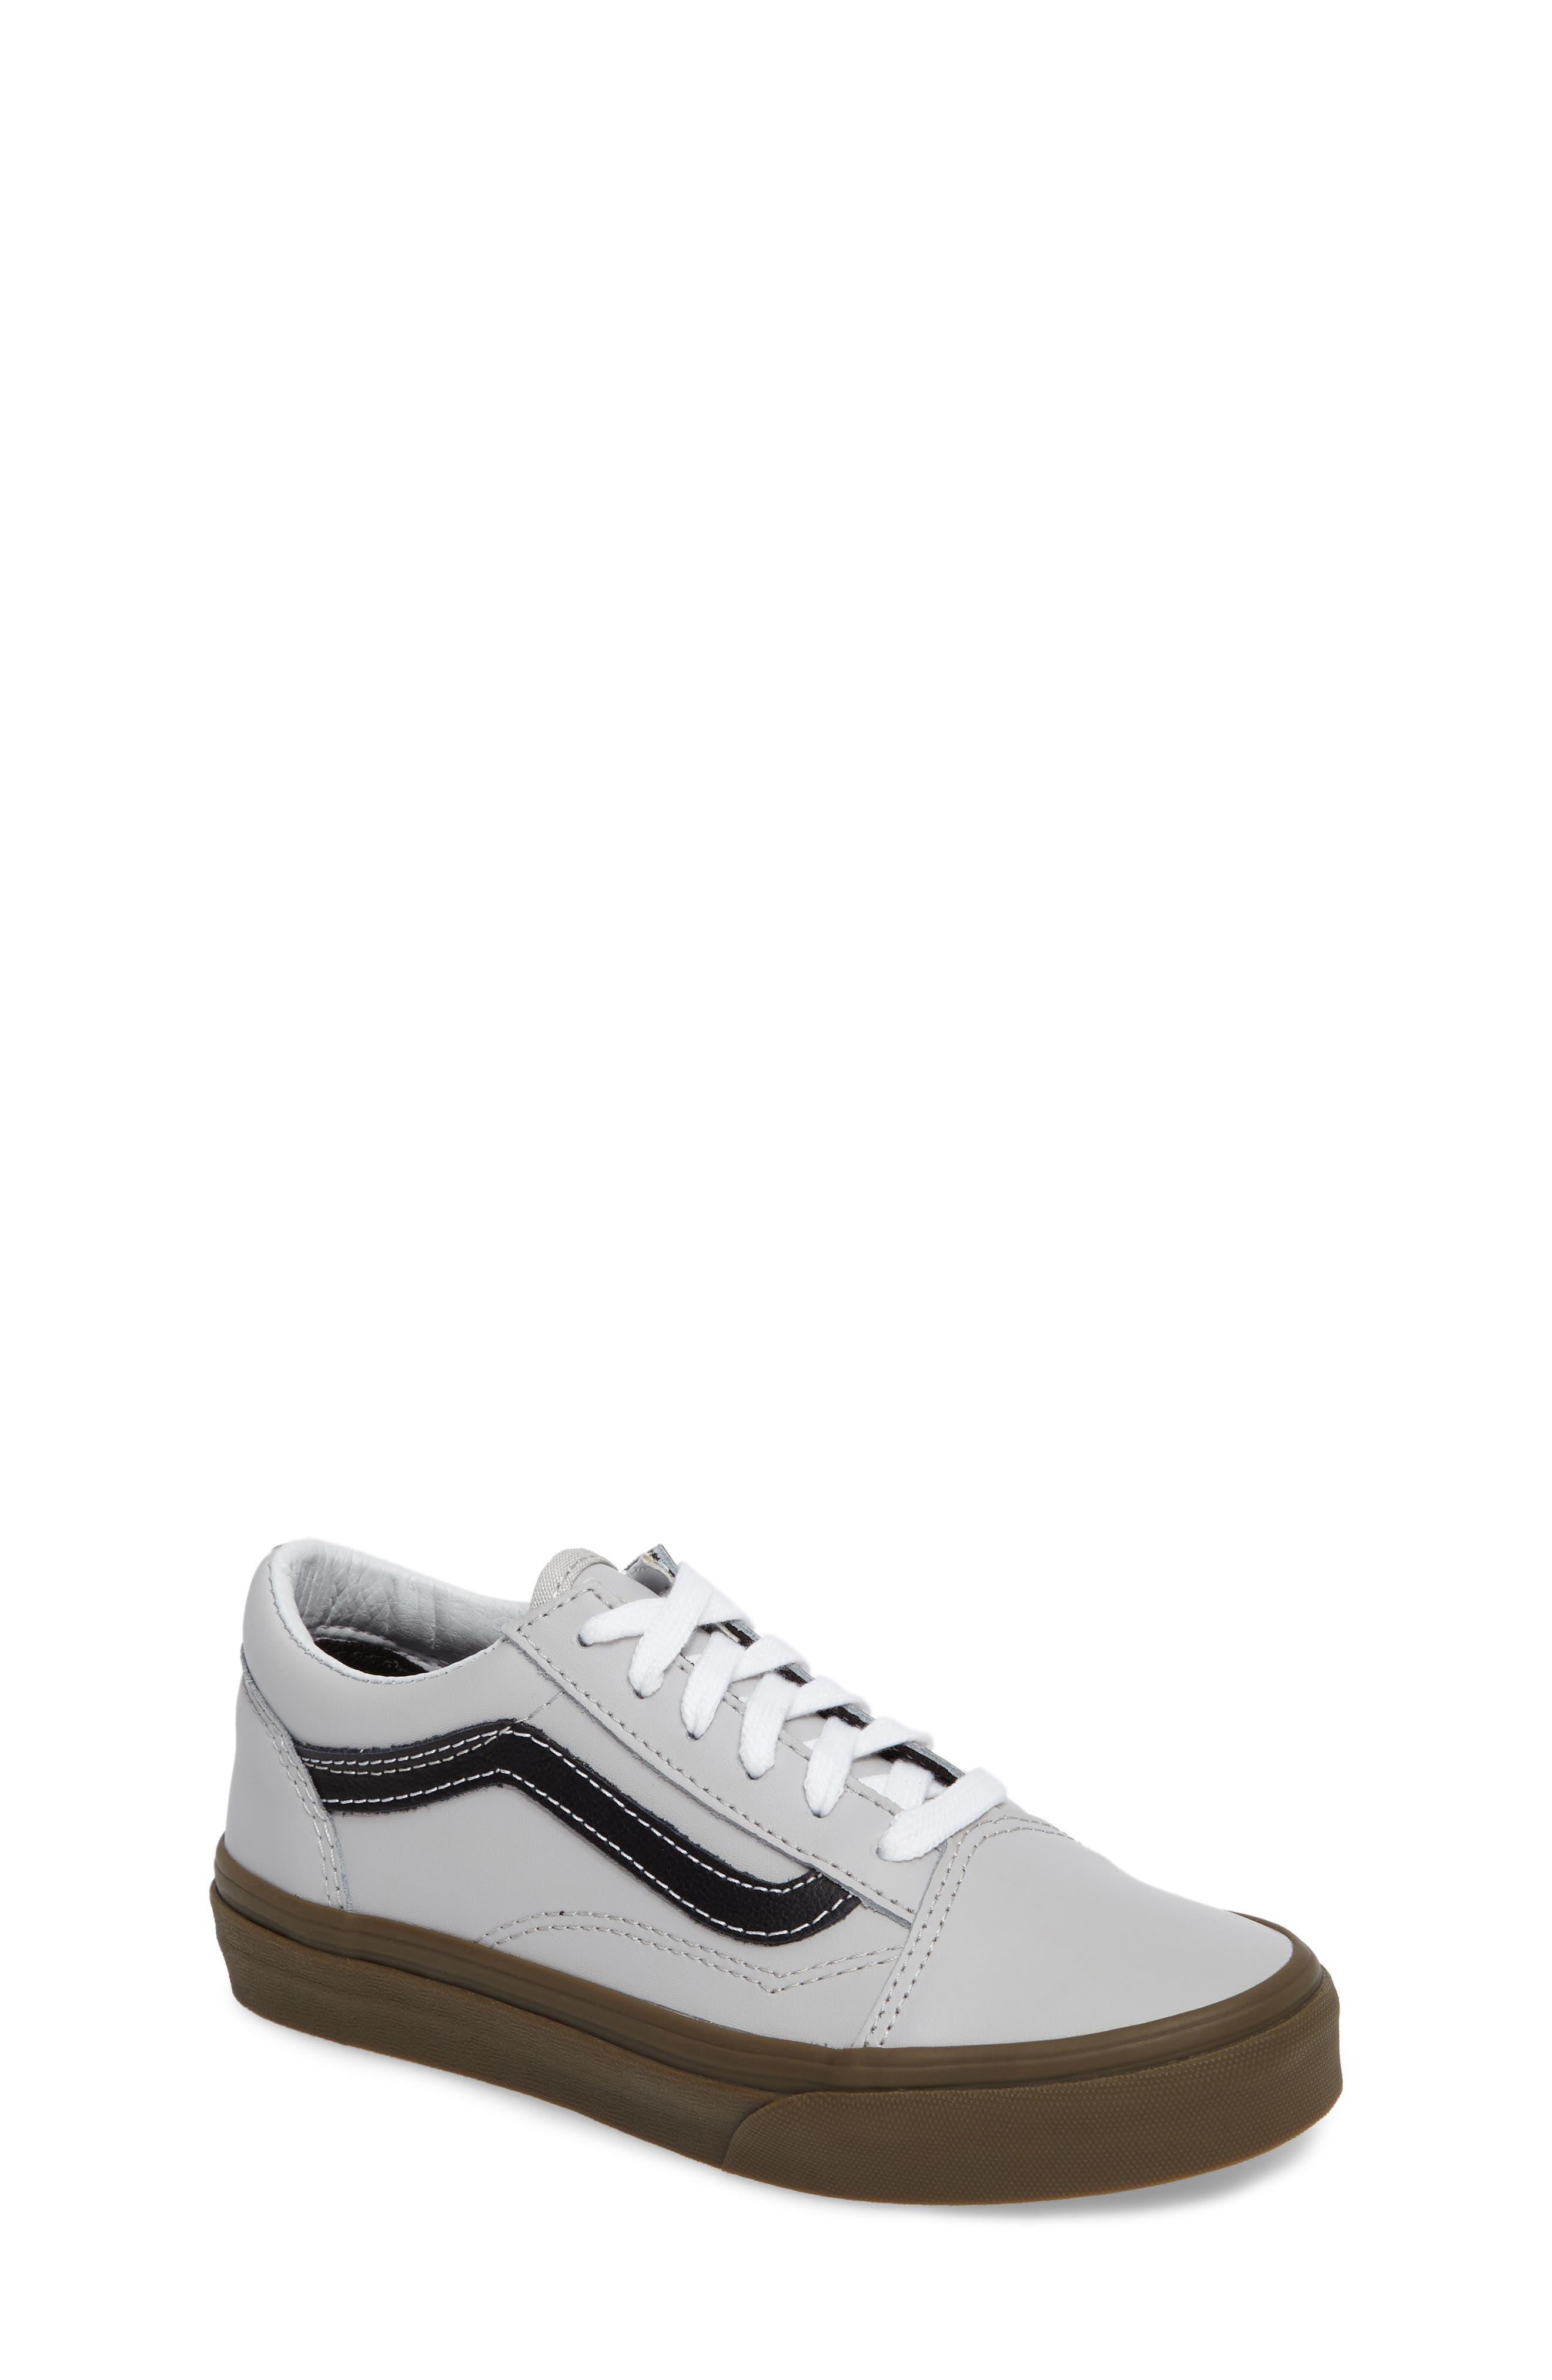 Old Skool Sneaker,                             Main thumbnail 1, color,                             Bleacher Gray/ Black/ Gum